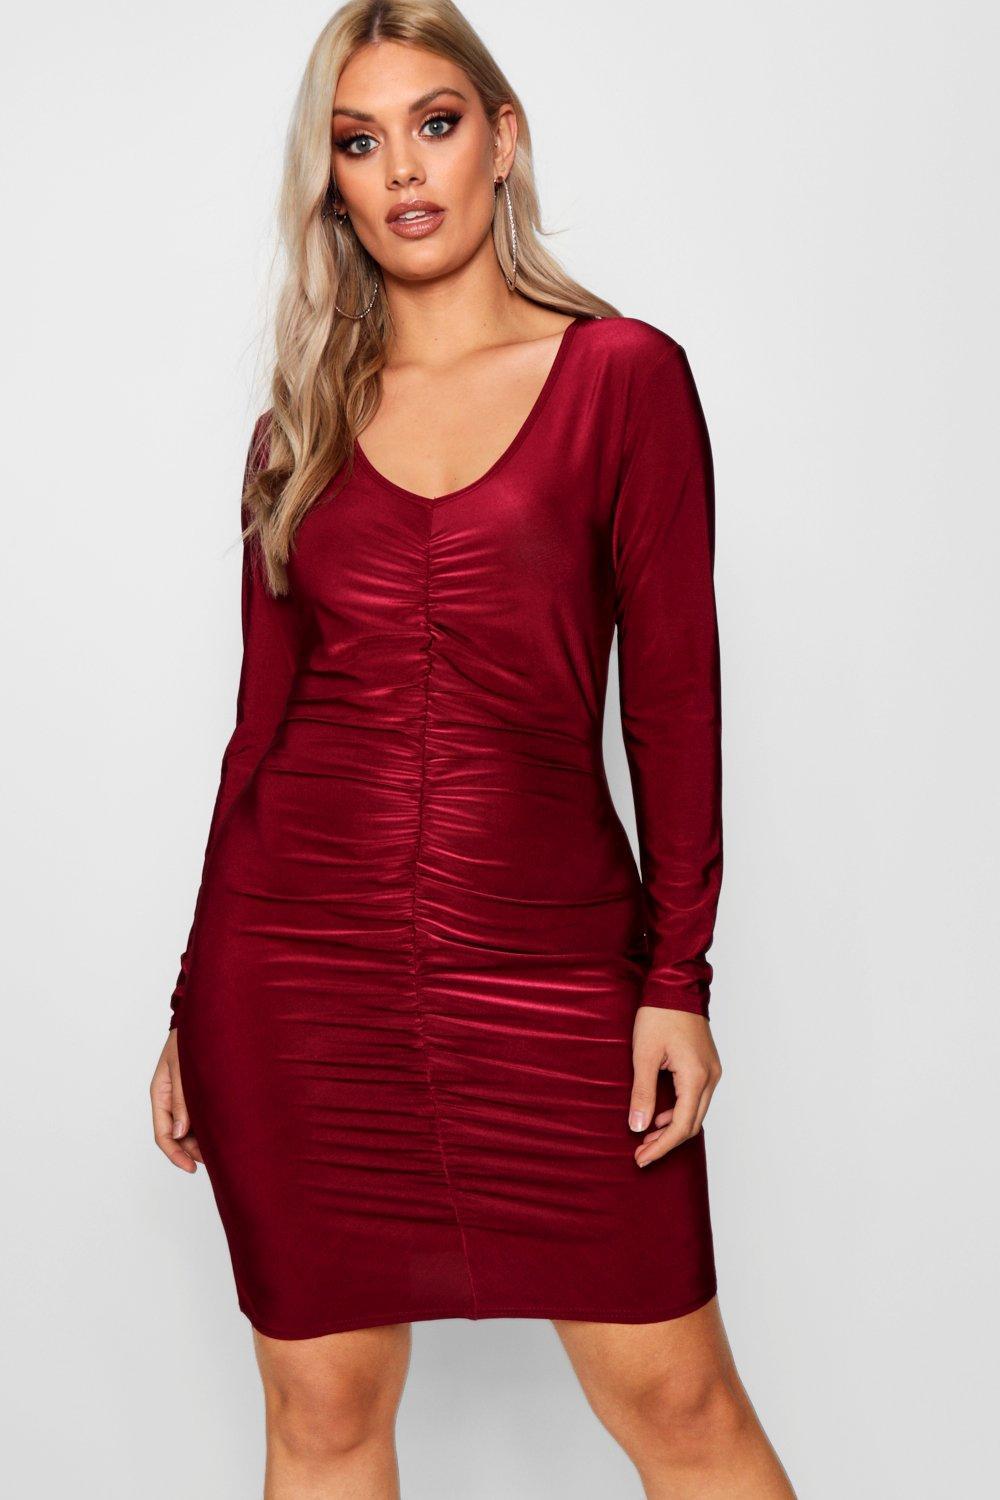 Boohoo-Plus-Hazel-tailliertes-Bodycon-Kleid-mit-Rueschen-vorne